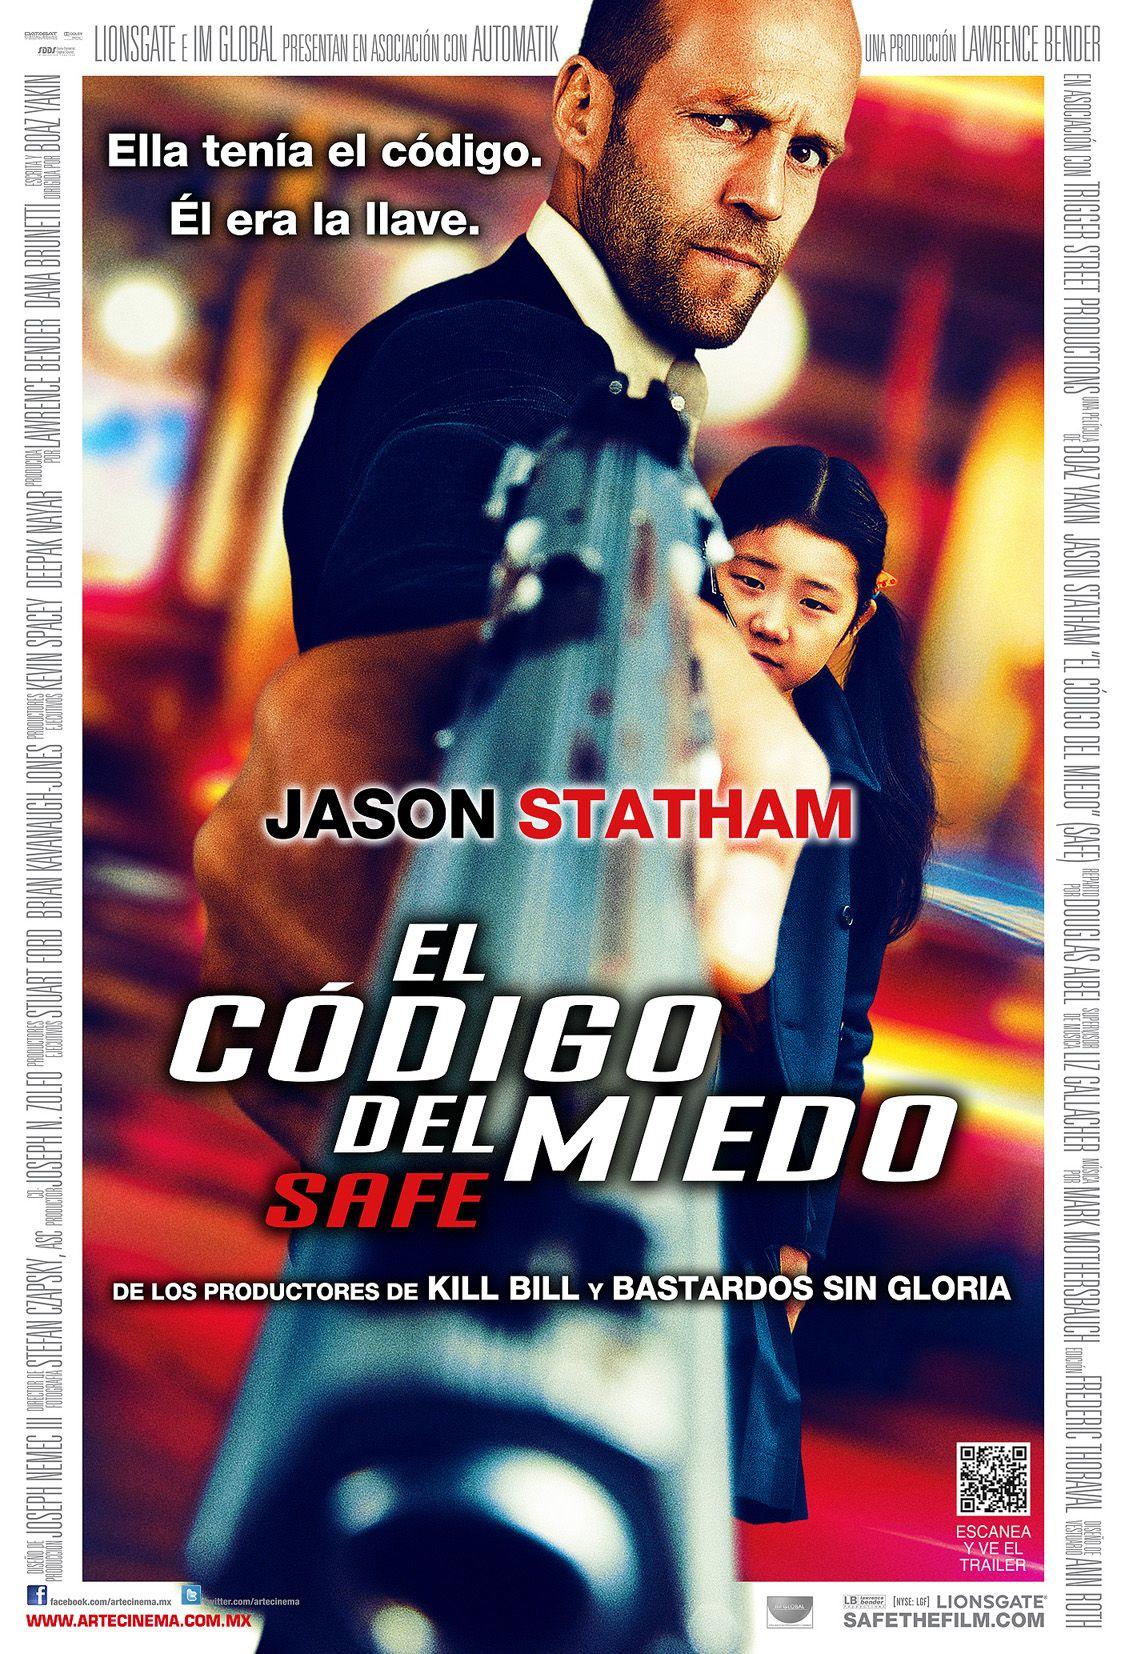 Poster El Codigo Del Miedo Peliculas Cine Jason Statham Peliculas